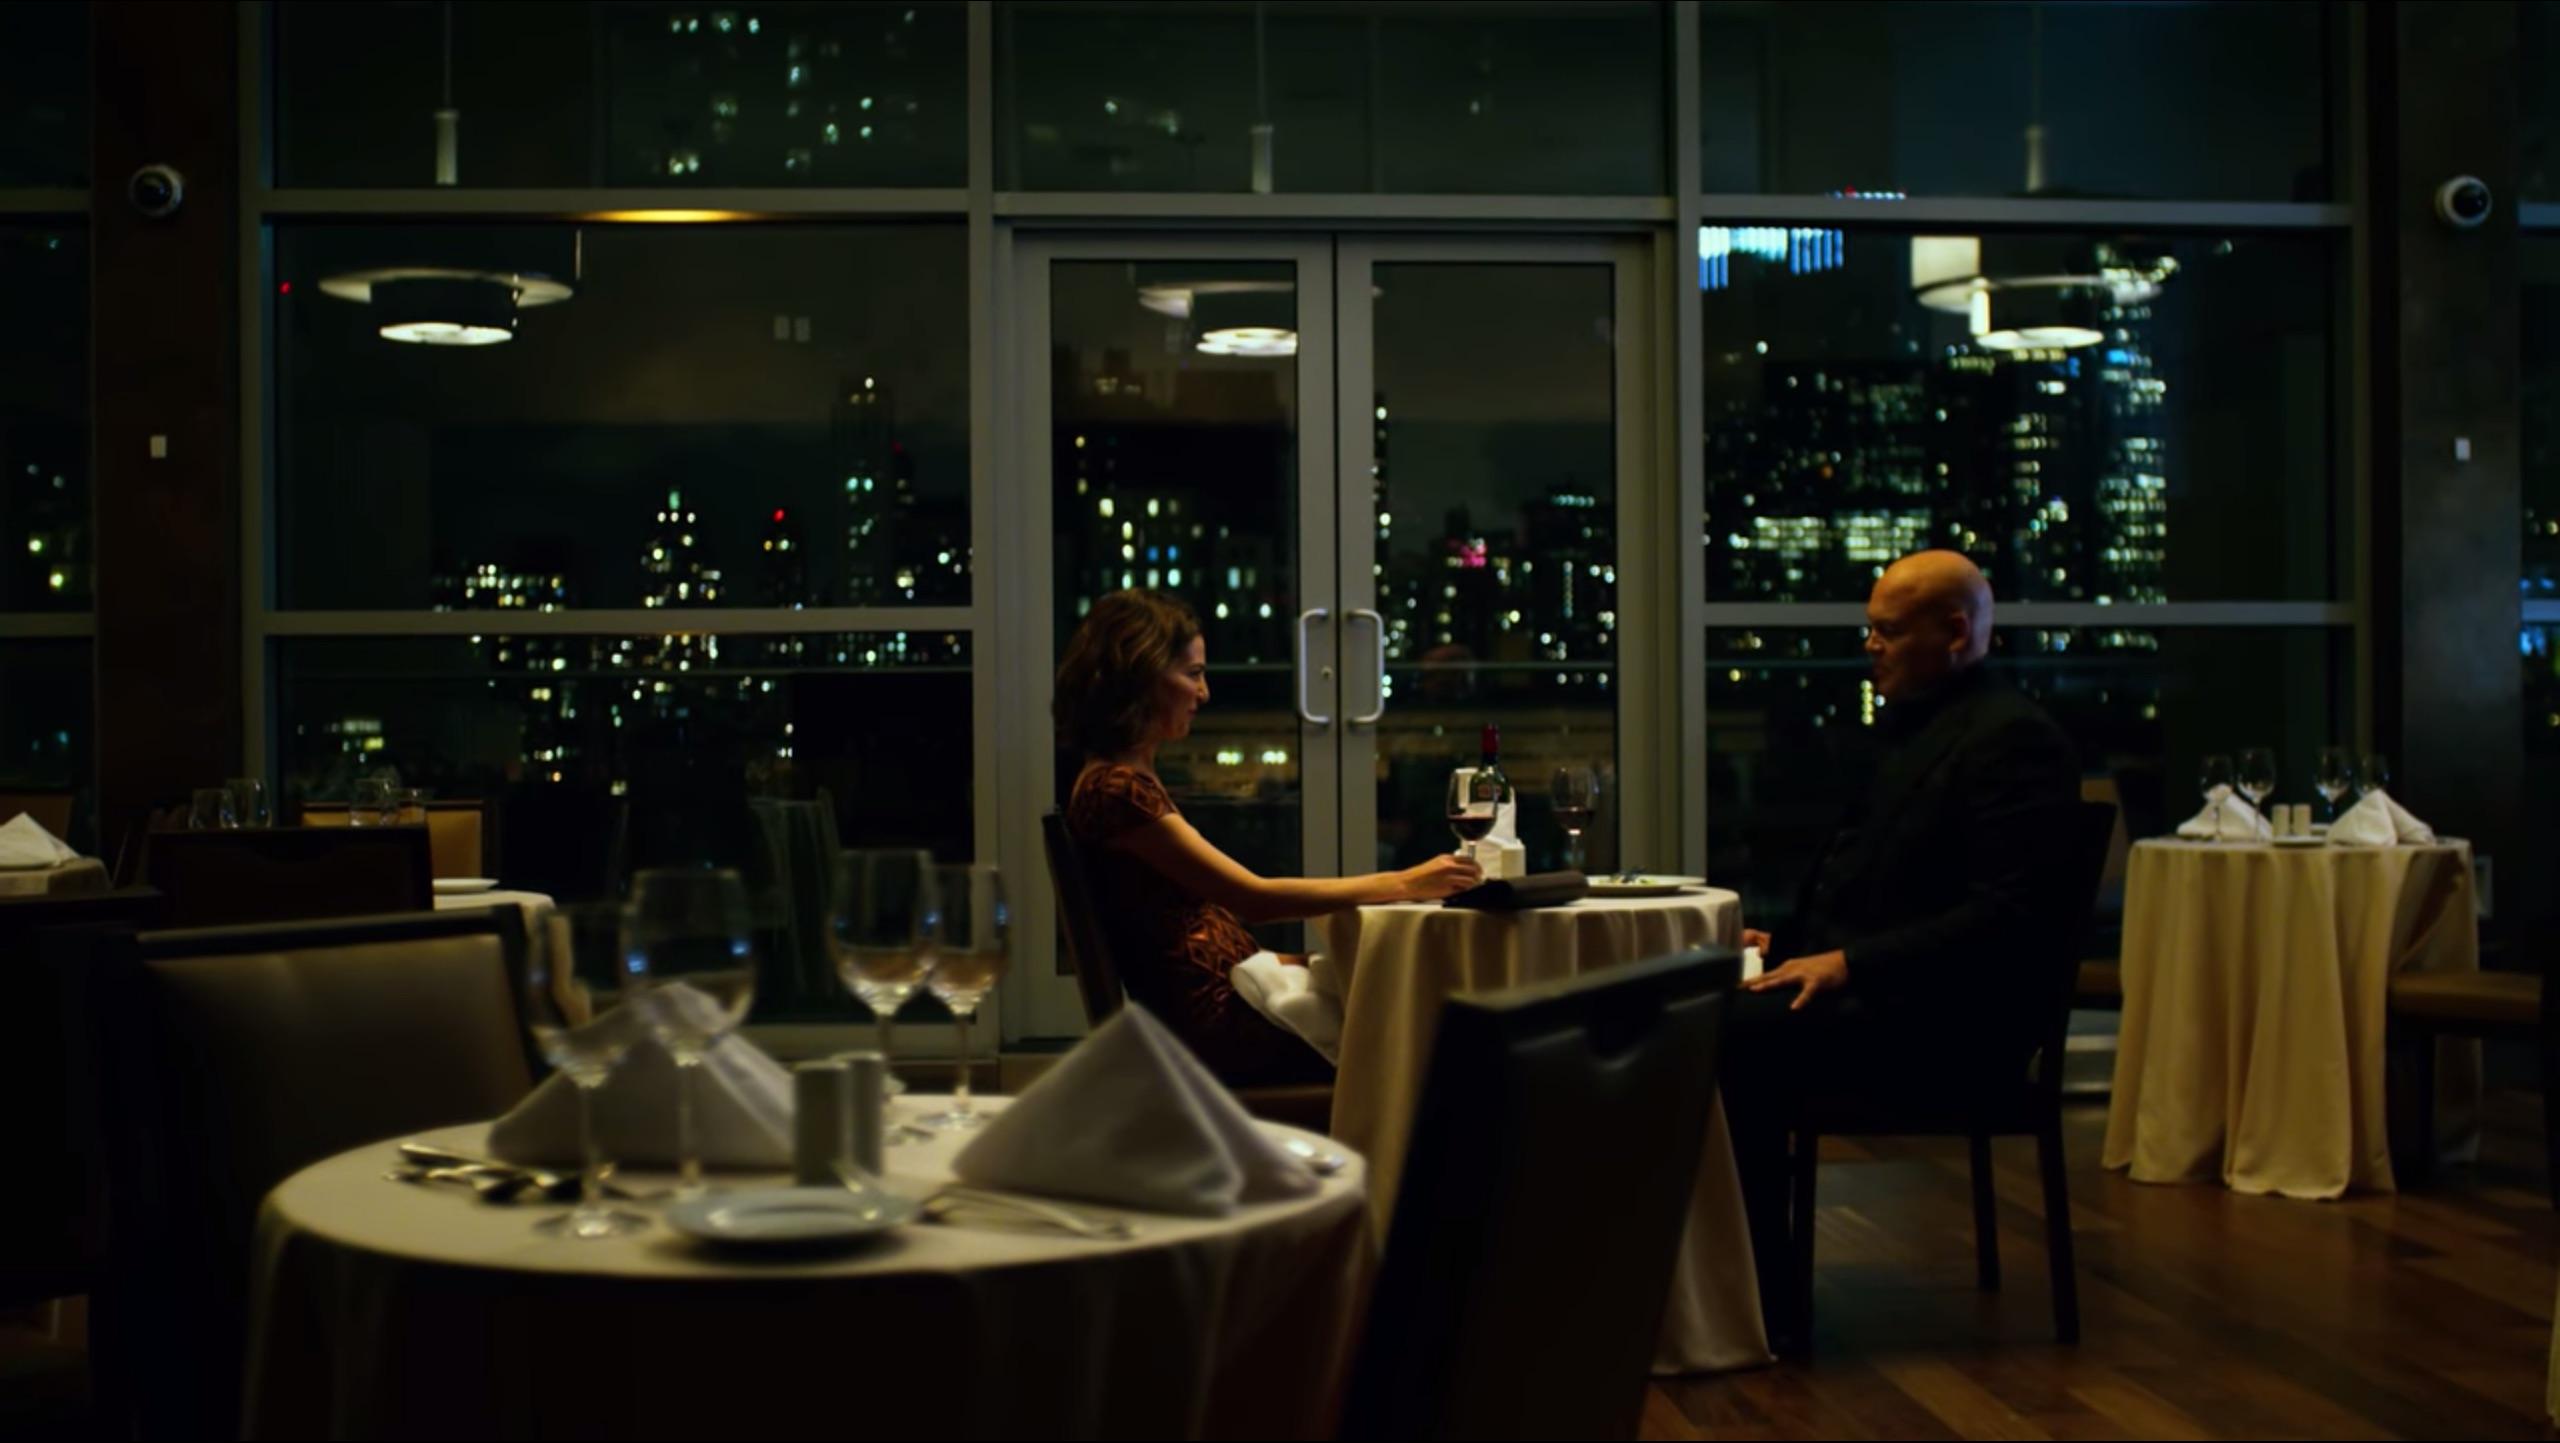 File:Dinner date 2.jpg